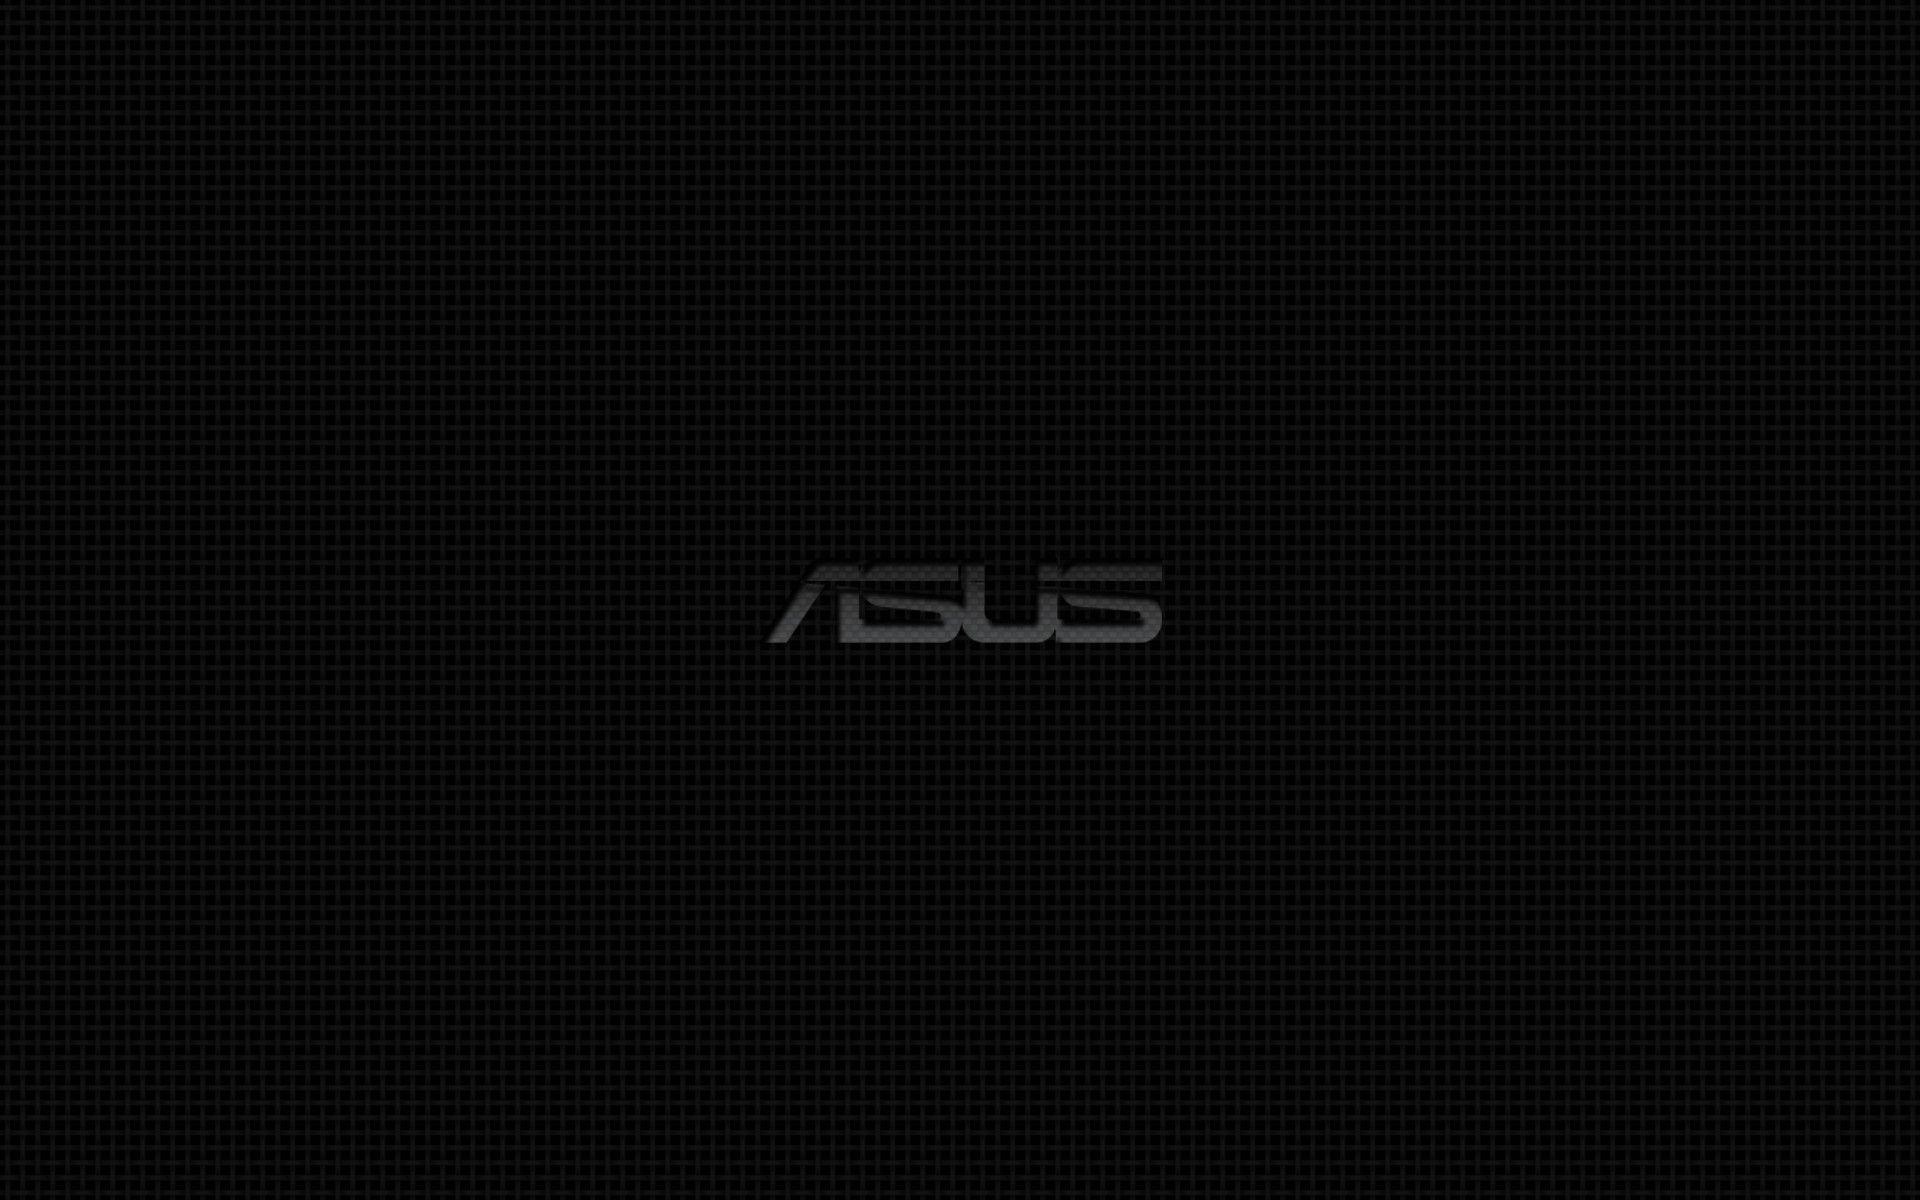 Asus Wallpaper Hd wallpaper – 851683